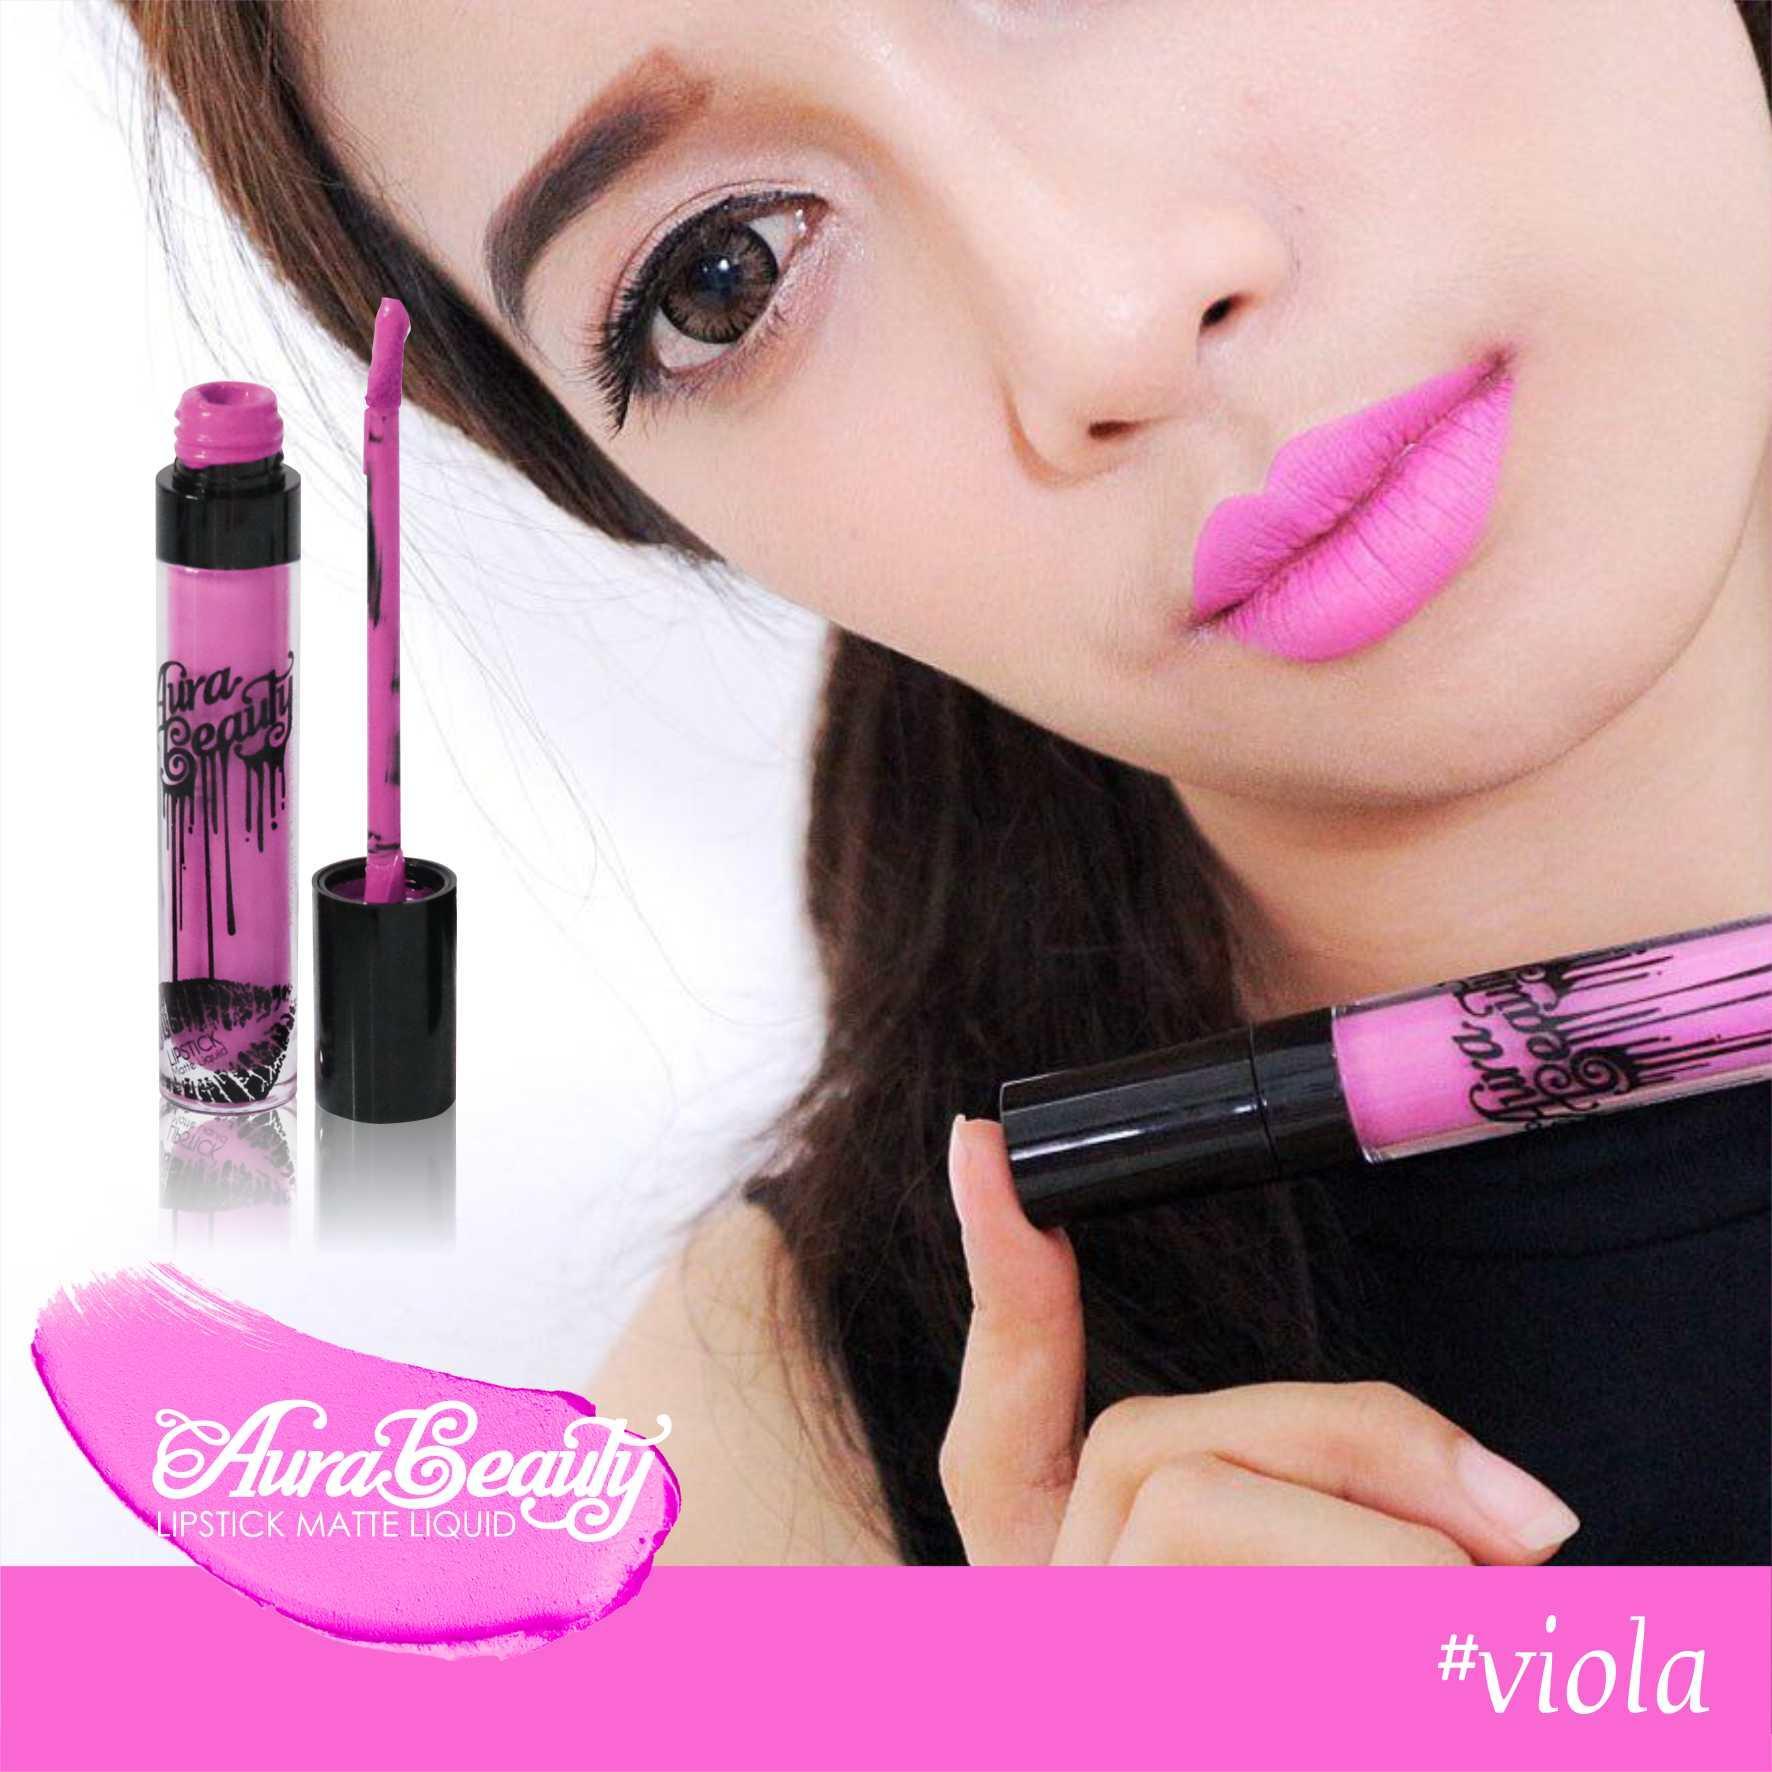 Buy Sell Cheapest Aura Beauty Lipmatte Best Quality Product Deals Viola Seller Lipstick Matte Lipstik Waterproof Varian Aries 4 Ml Menghidrasi Bibir Melembabkan